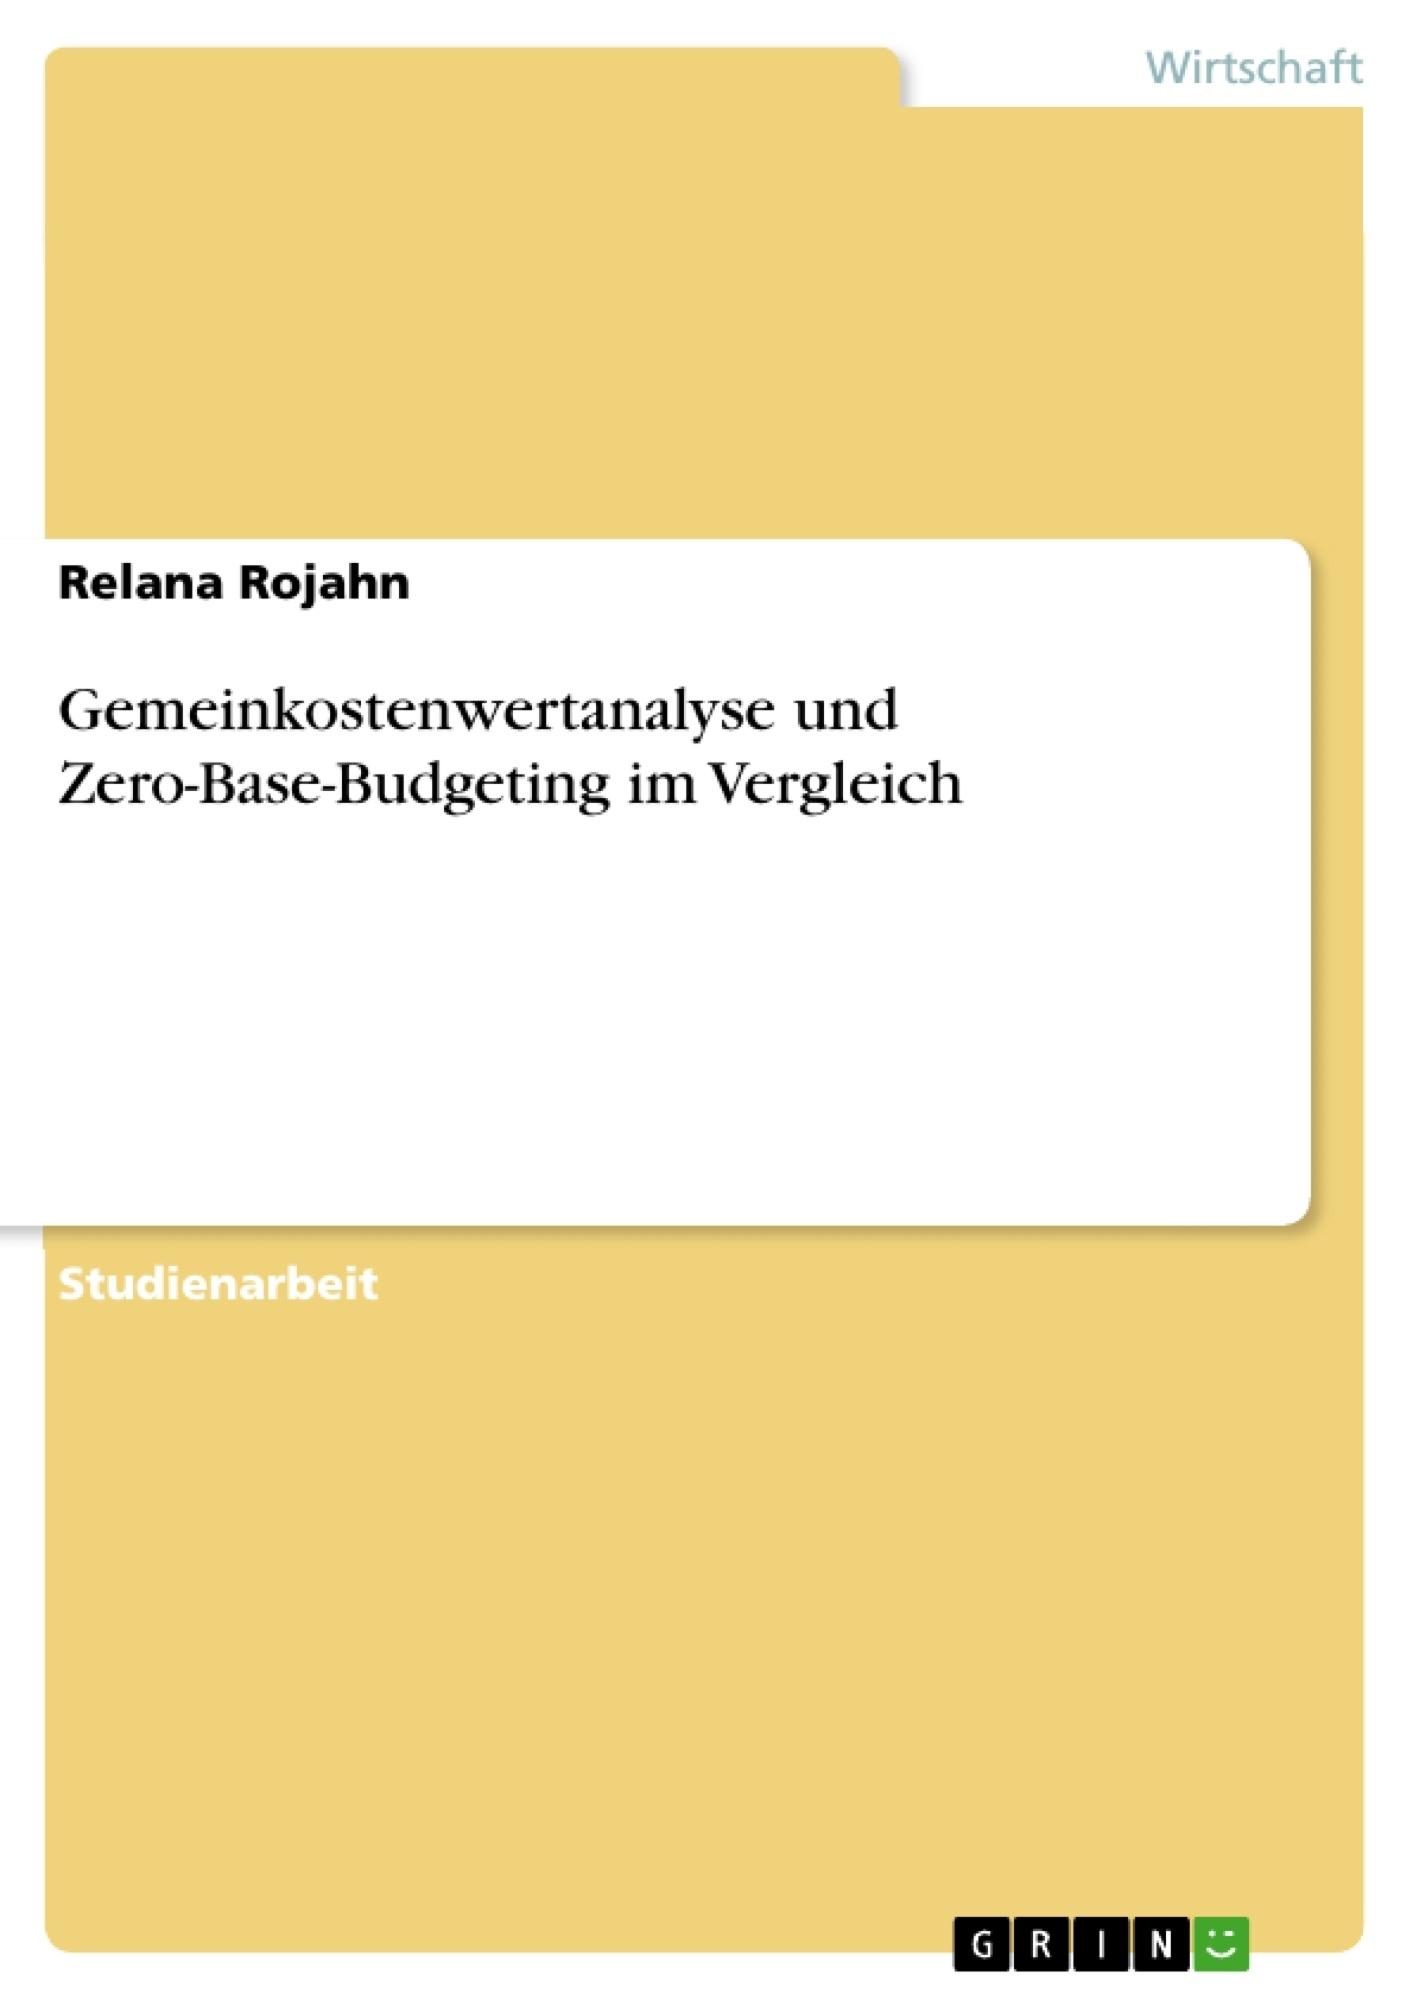 Titel: Gemeinkostenwertanalyse und Zero-Base-Budgeting im Vergleich